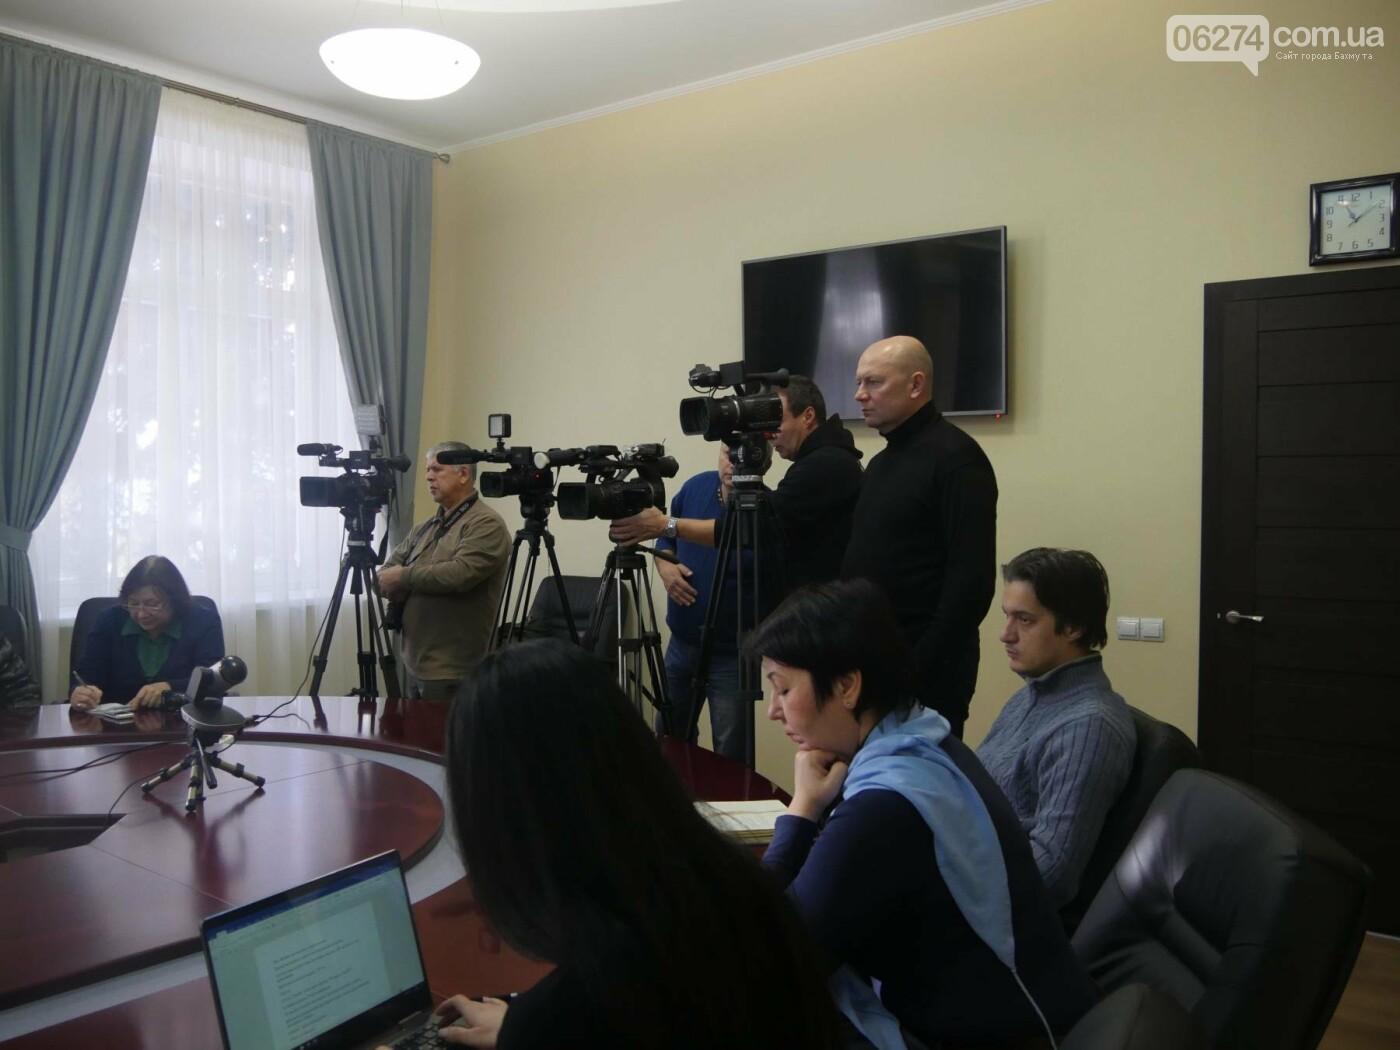 В Донецкой ОГА рассказали об осенней призывной кампании и строительстве Сечи в Бахмутском районе, фото-3